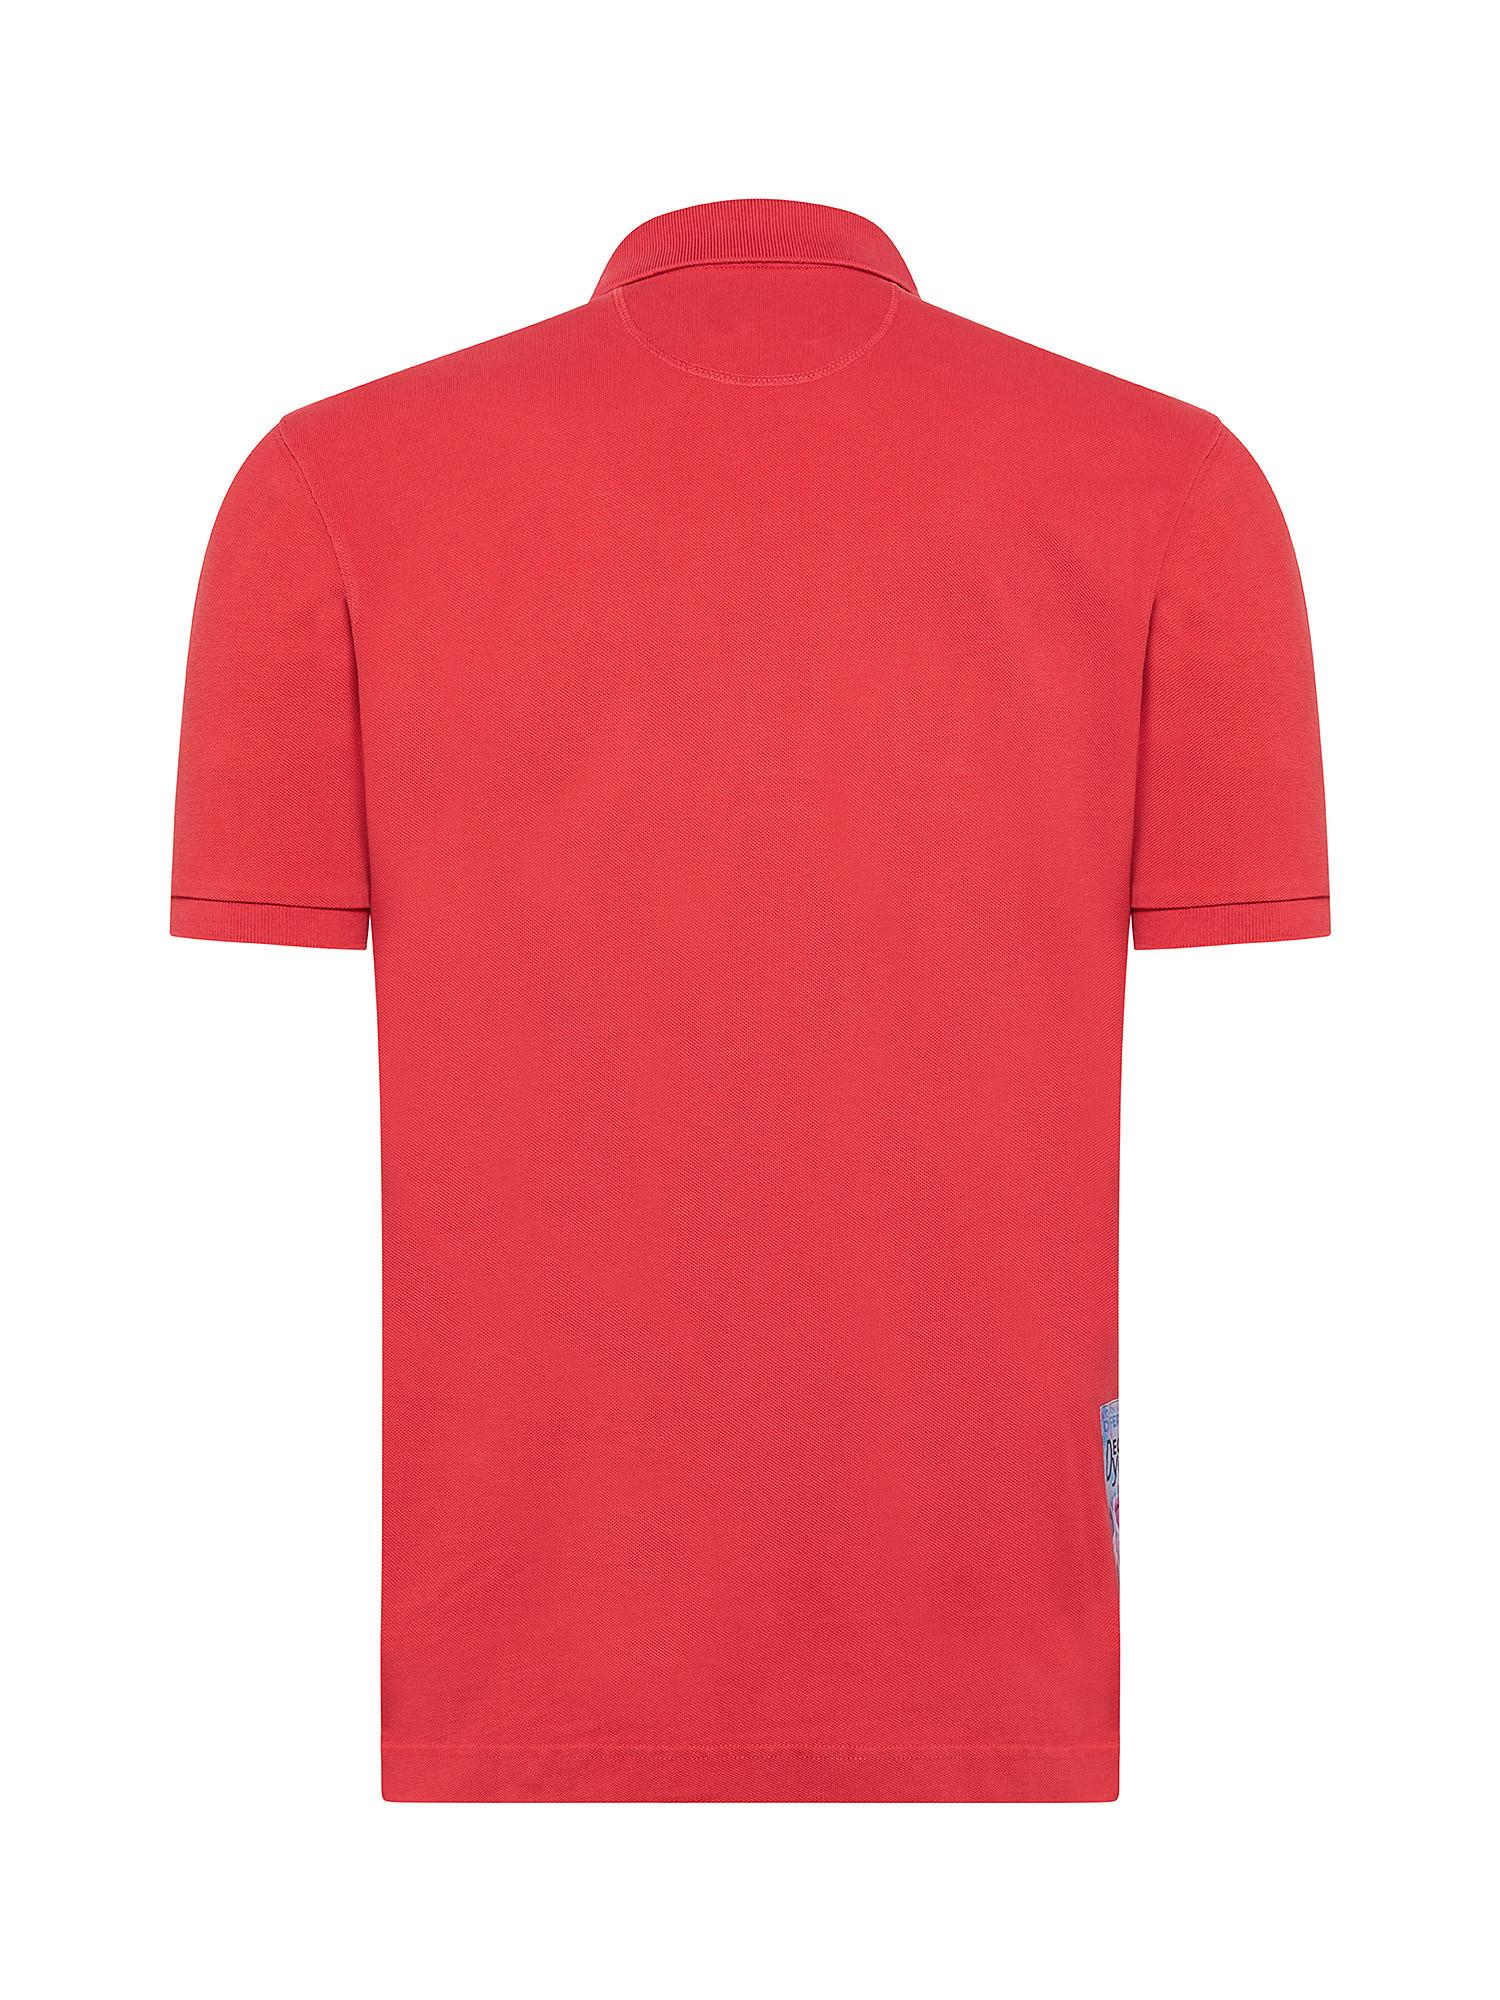 Polo da uomo a maniche corte in cotone regular fit, Rosso mattone, large image number 1